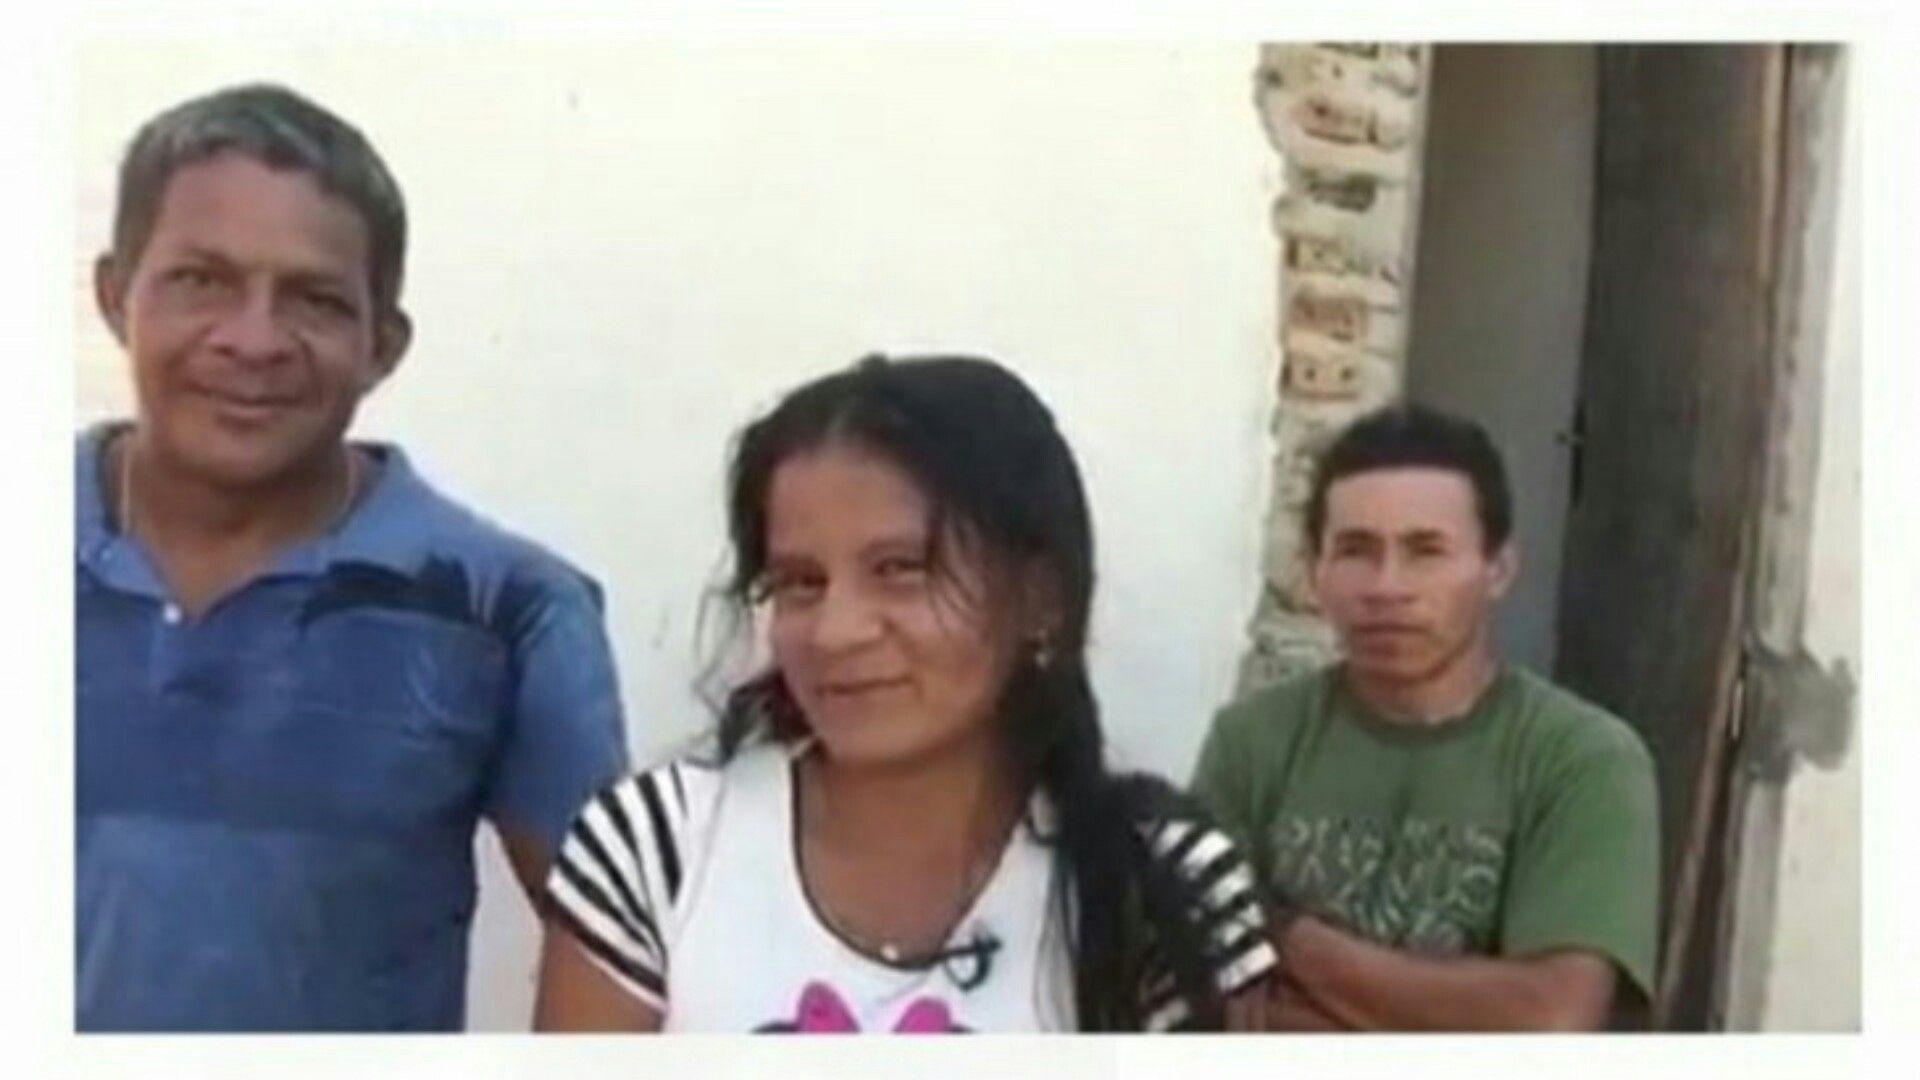 El día de ayer se conoció el caso de Andreza, una mujer brasileña que según ella se enamoró de dos hombres y que en la actualidad comparte su corazón y su amor con los dos caballeros en la misma casa, la historia de amor de esta dama se conoció gracias al reportaje que le hizo recientemente una reconocida cadena de televisión en el Brasil.